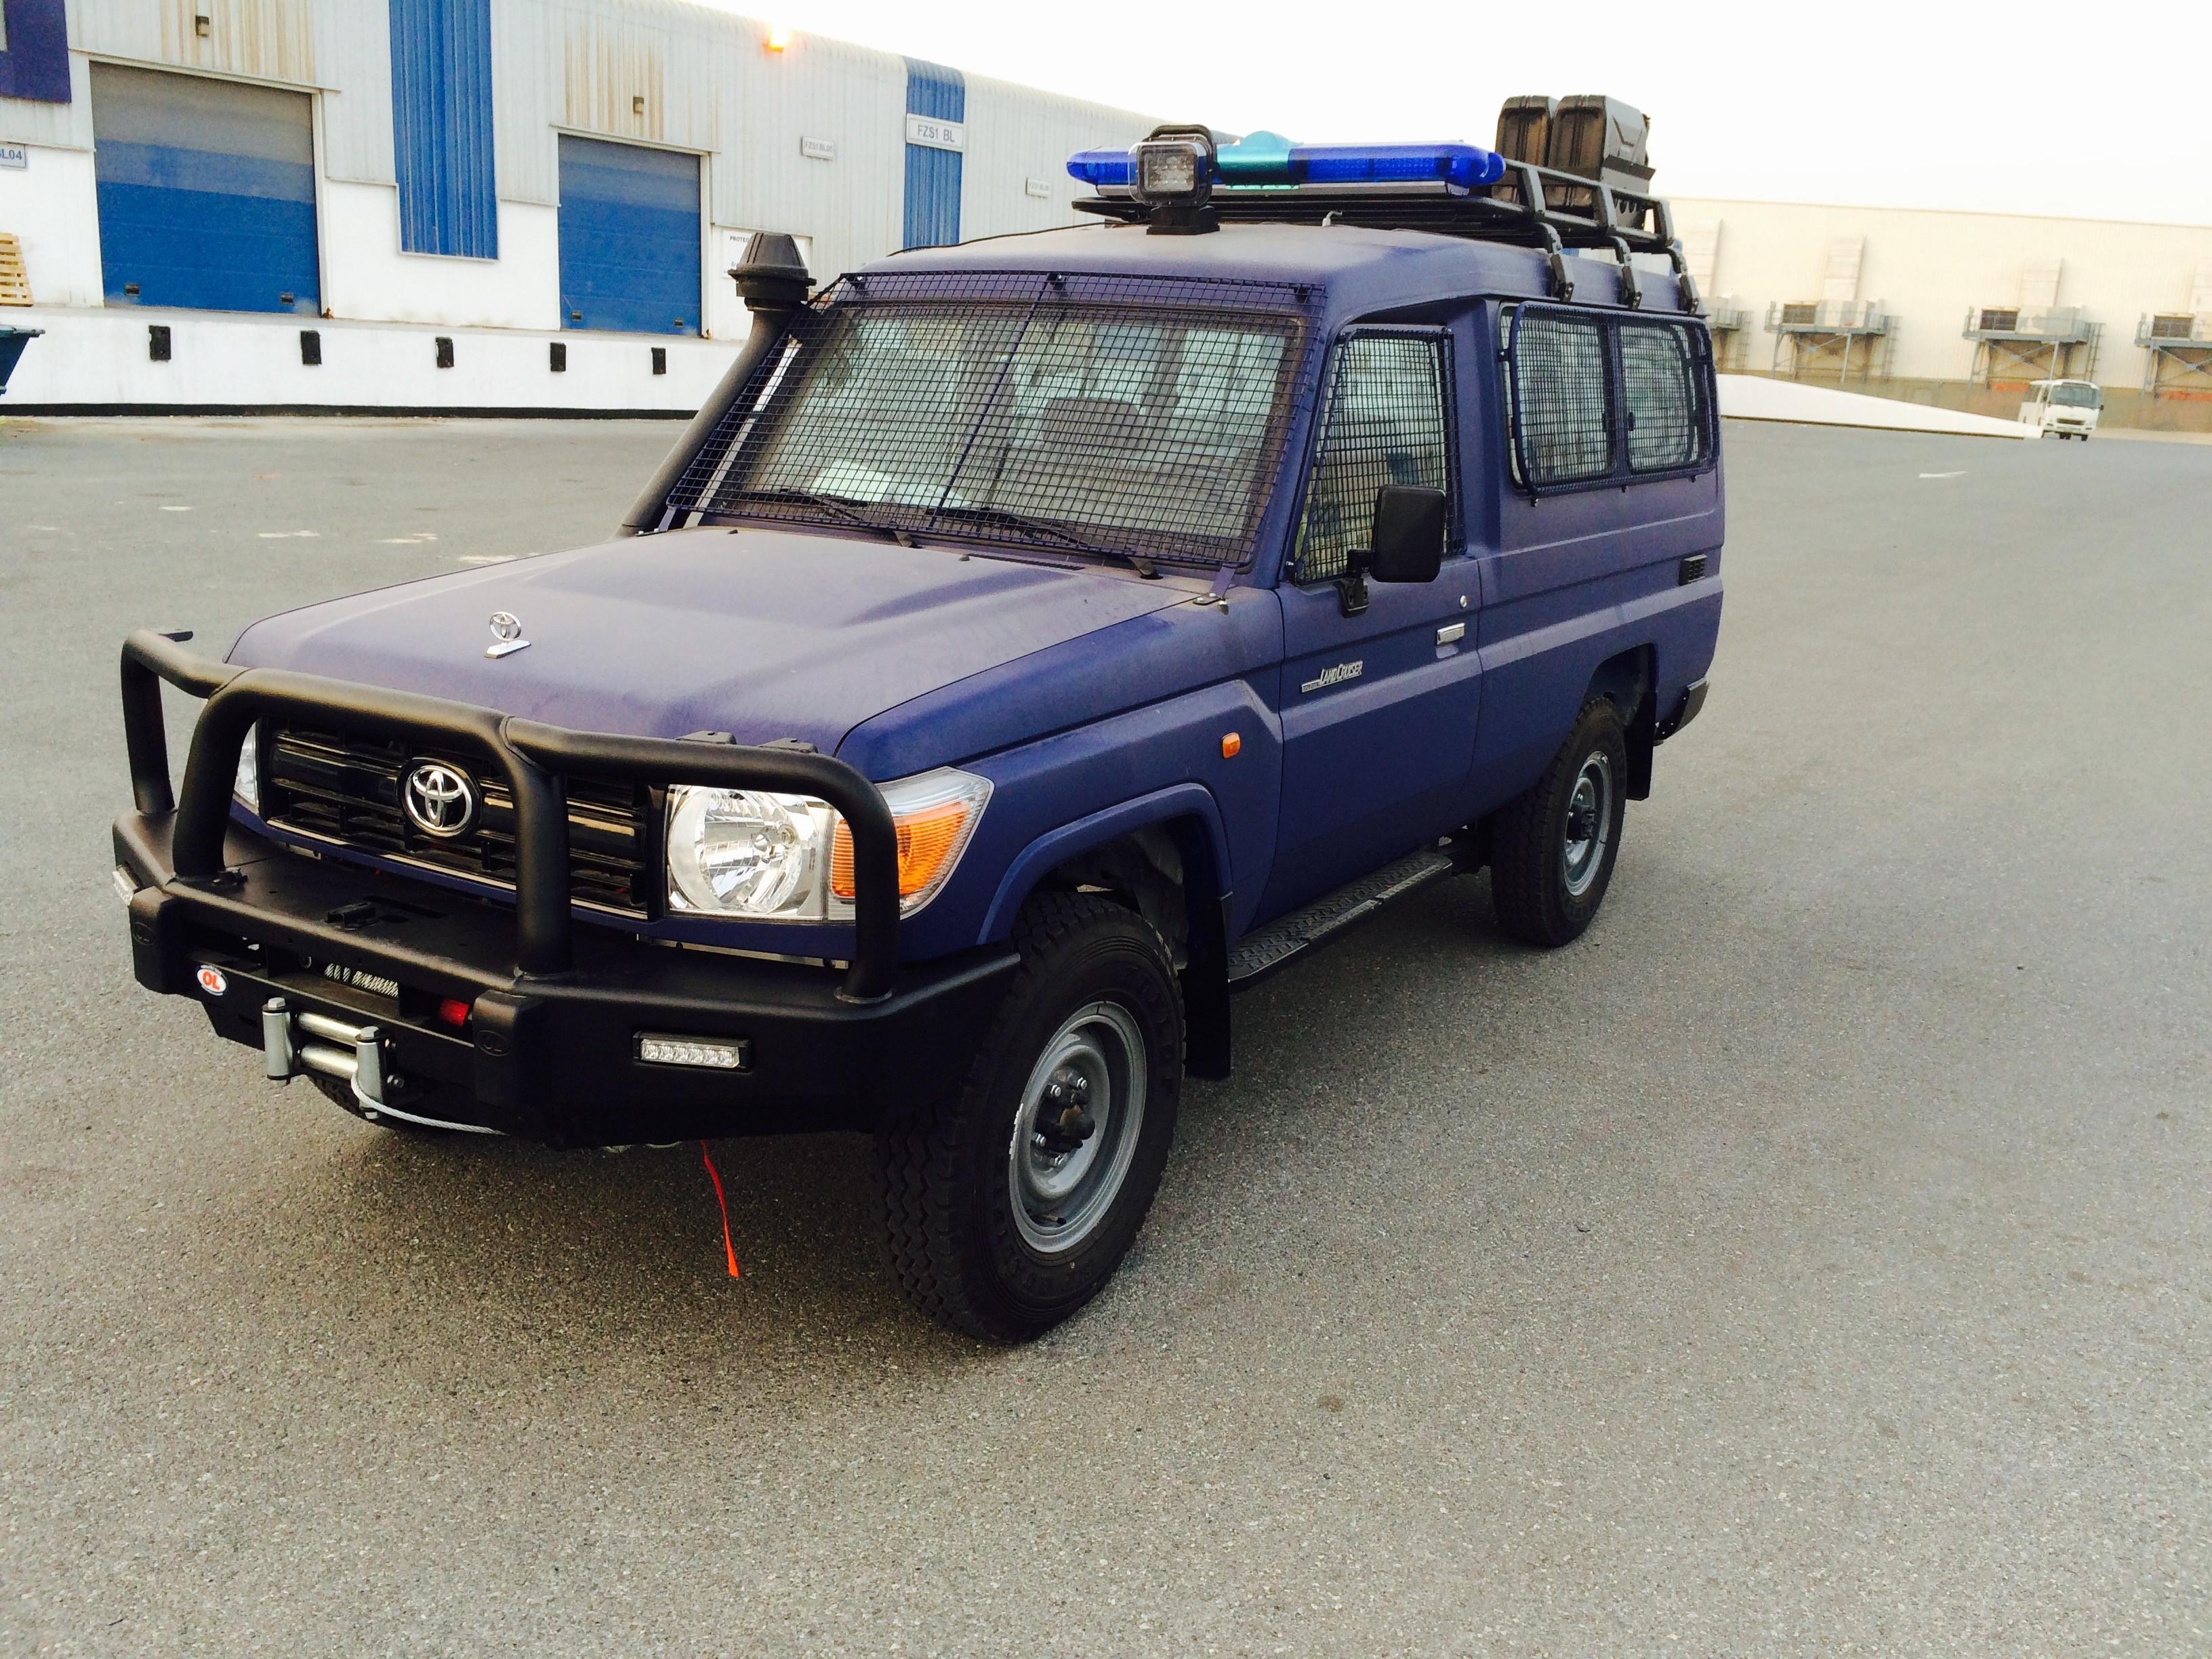 HZJ78 Police Africa